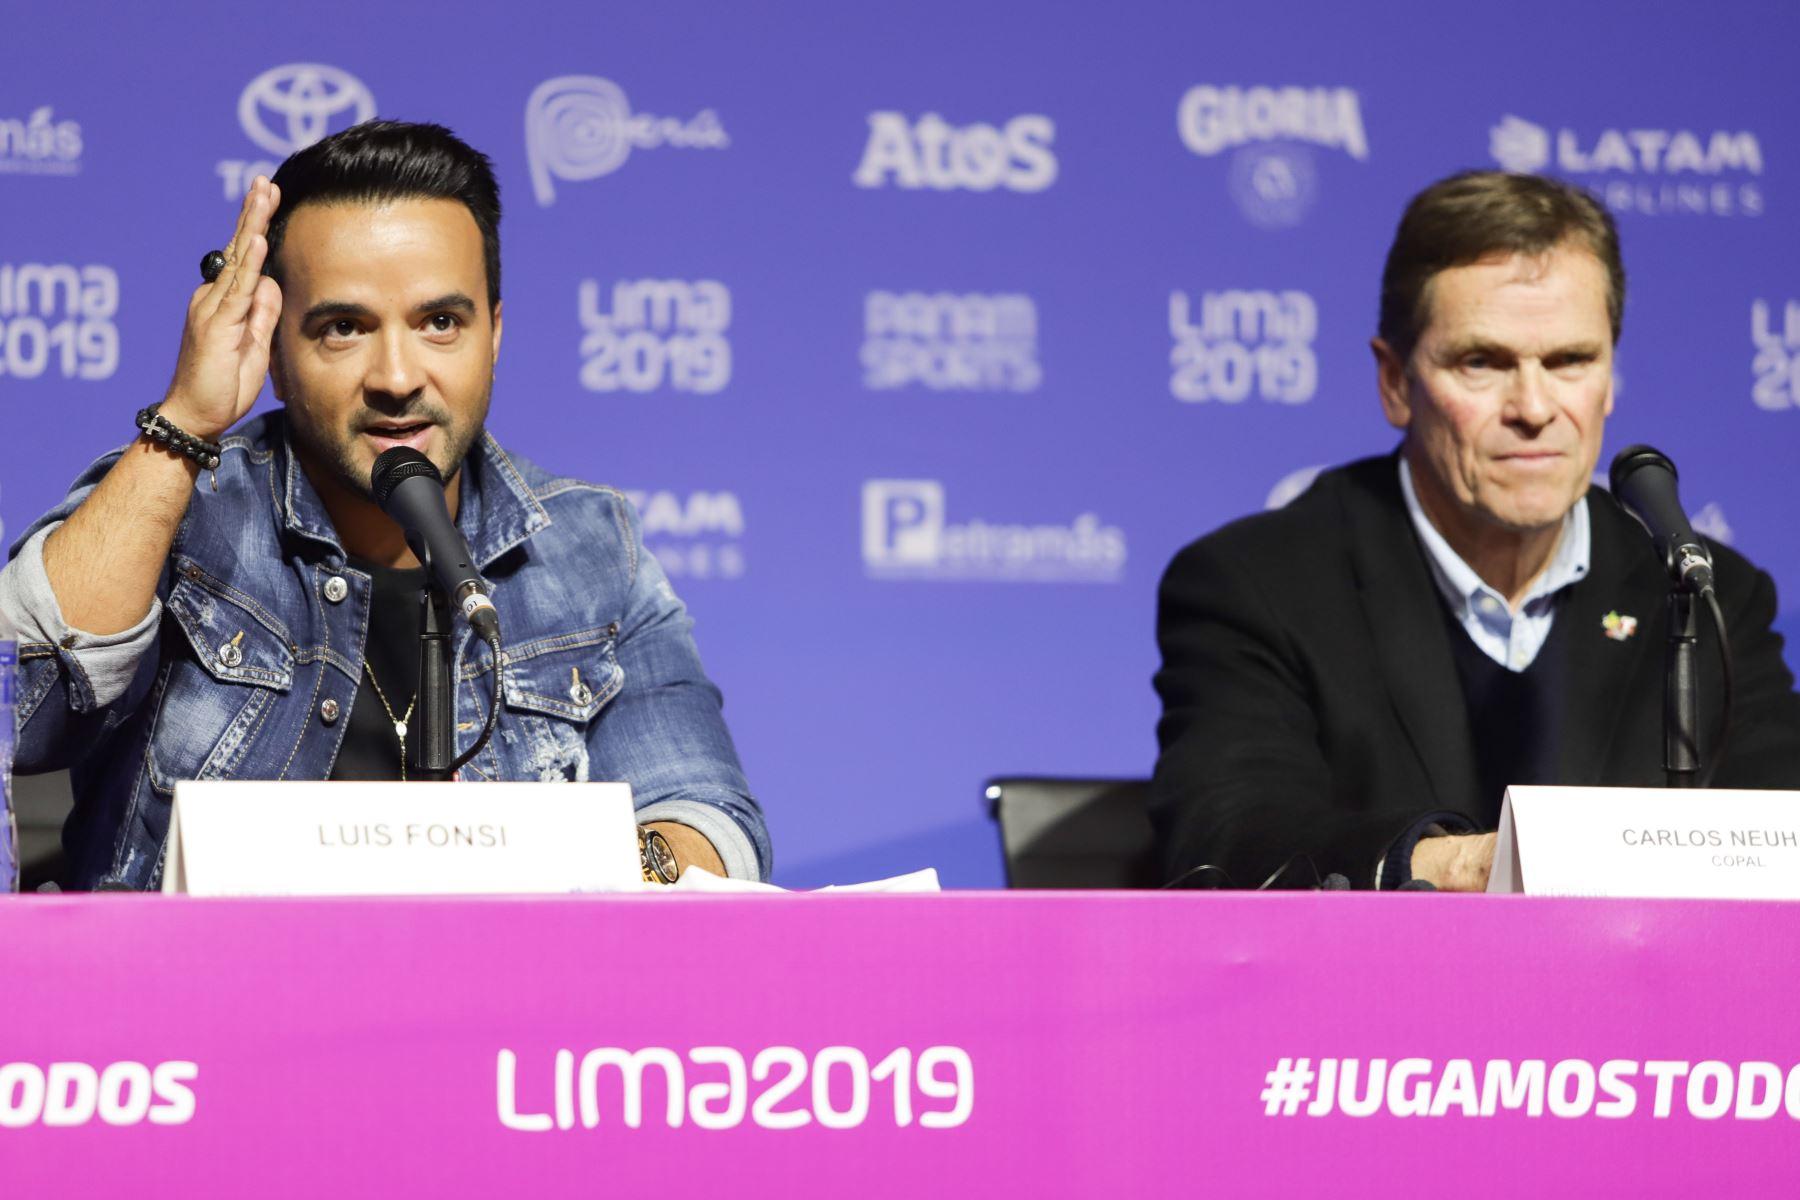 Conferencia de prensa del artista internacional Luis Fonsi quien cantará en la ceremonia de inauguración de los Juegos Panamericanos Lima 2019. Foto: ANDINA/Jorge Tello